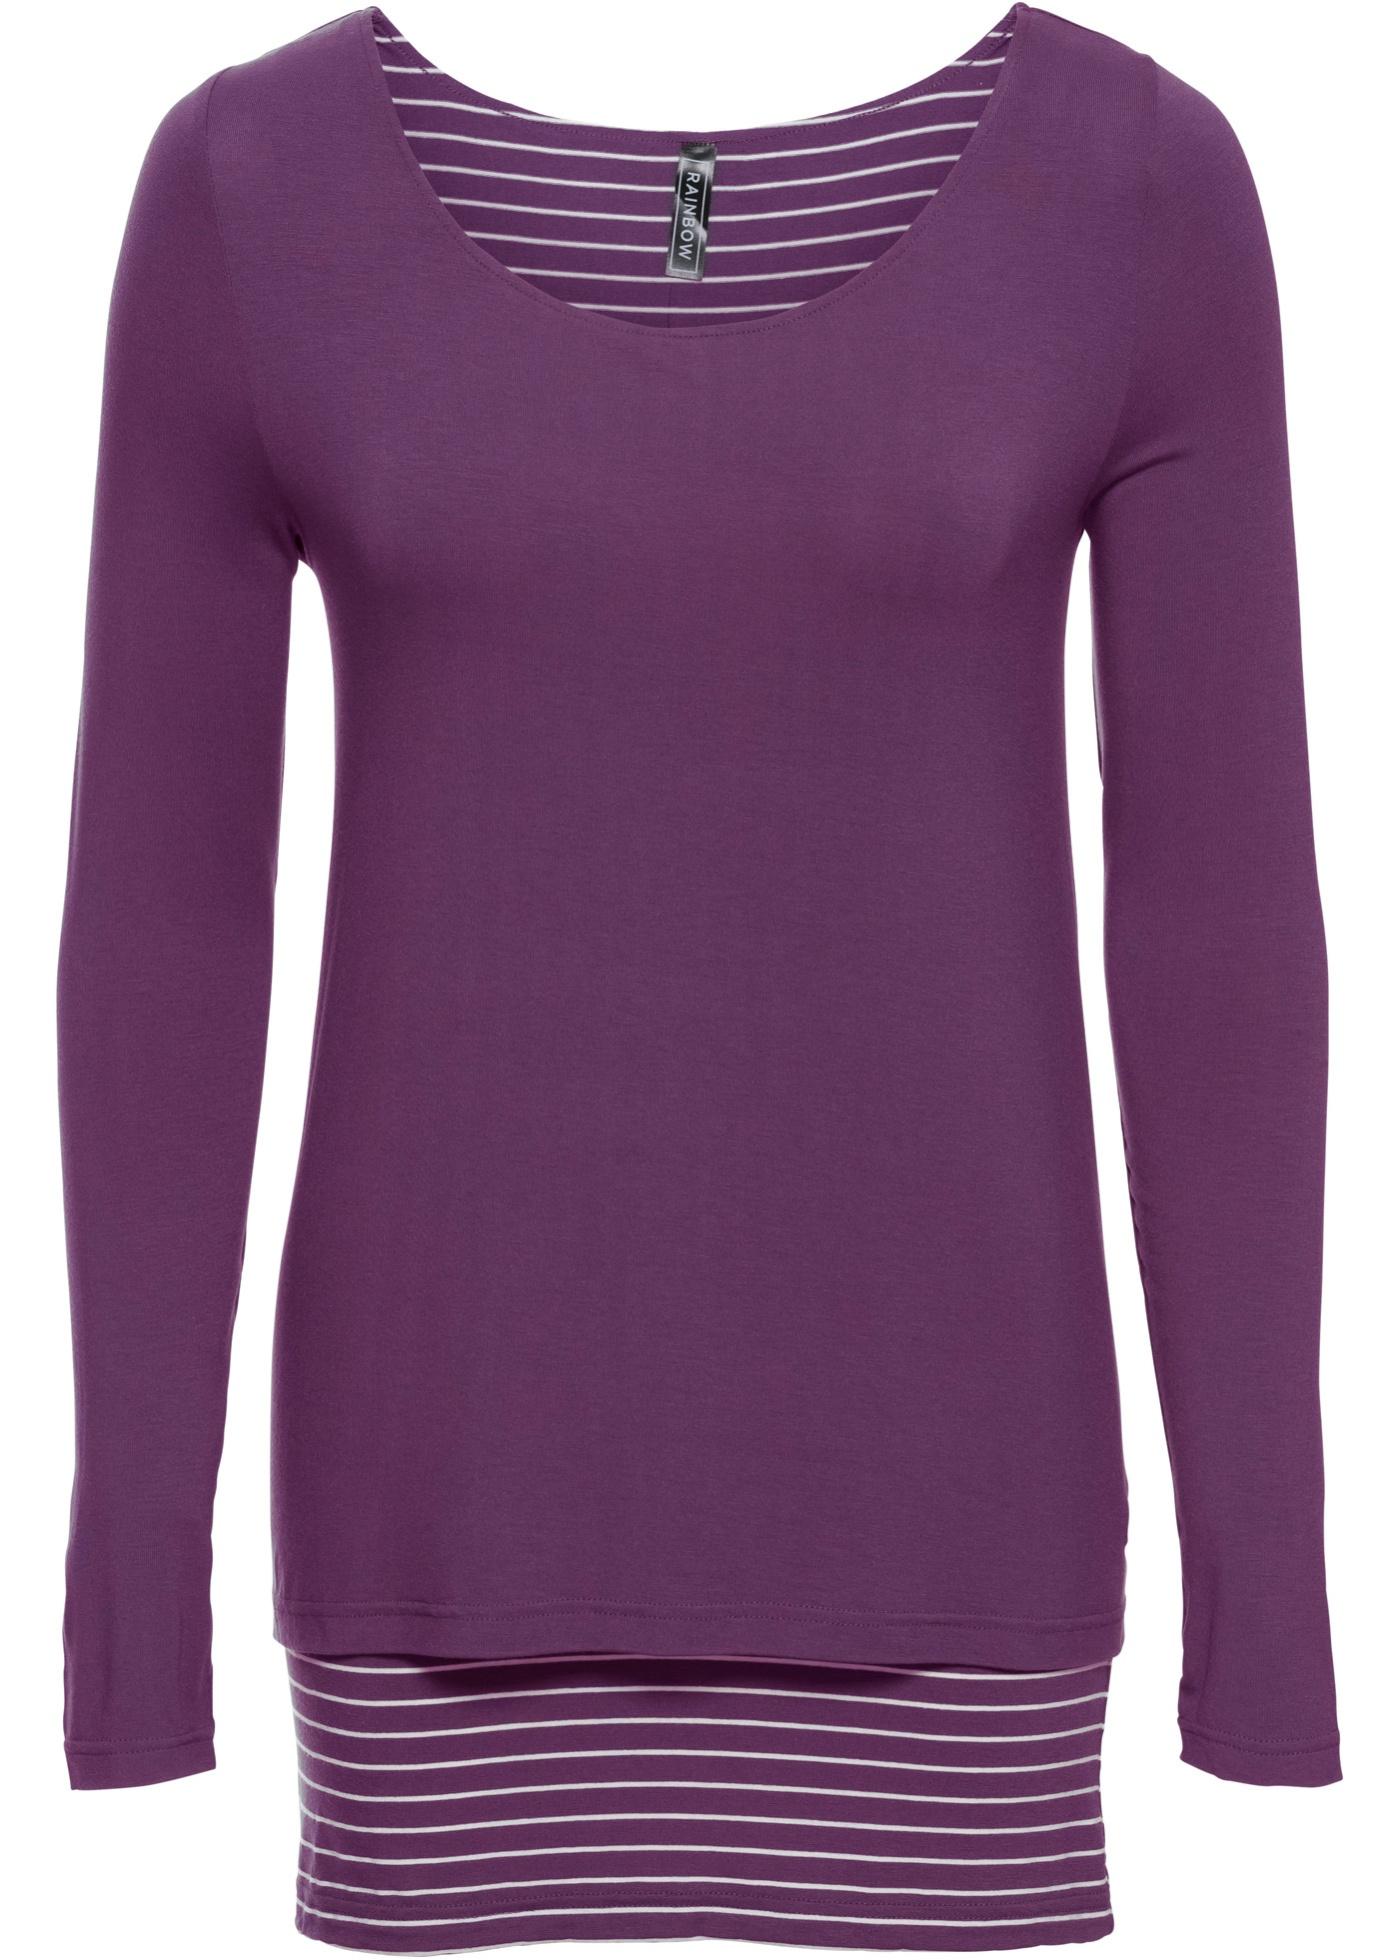 BonprixT Épaisseur Longues shirt Manches Femme Pour Violet Rainbow Double wm0N8vn